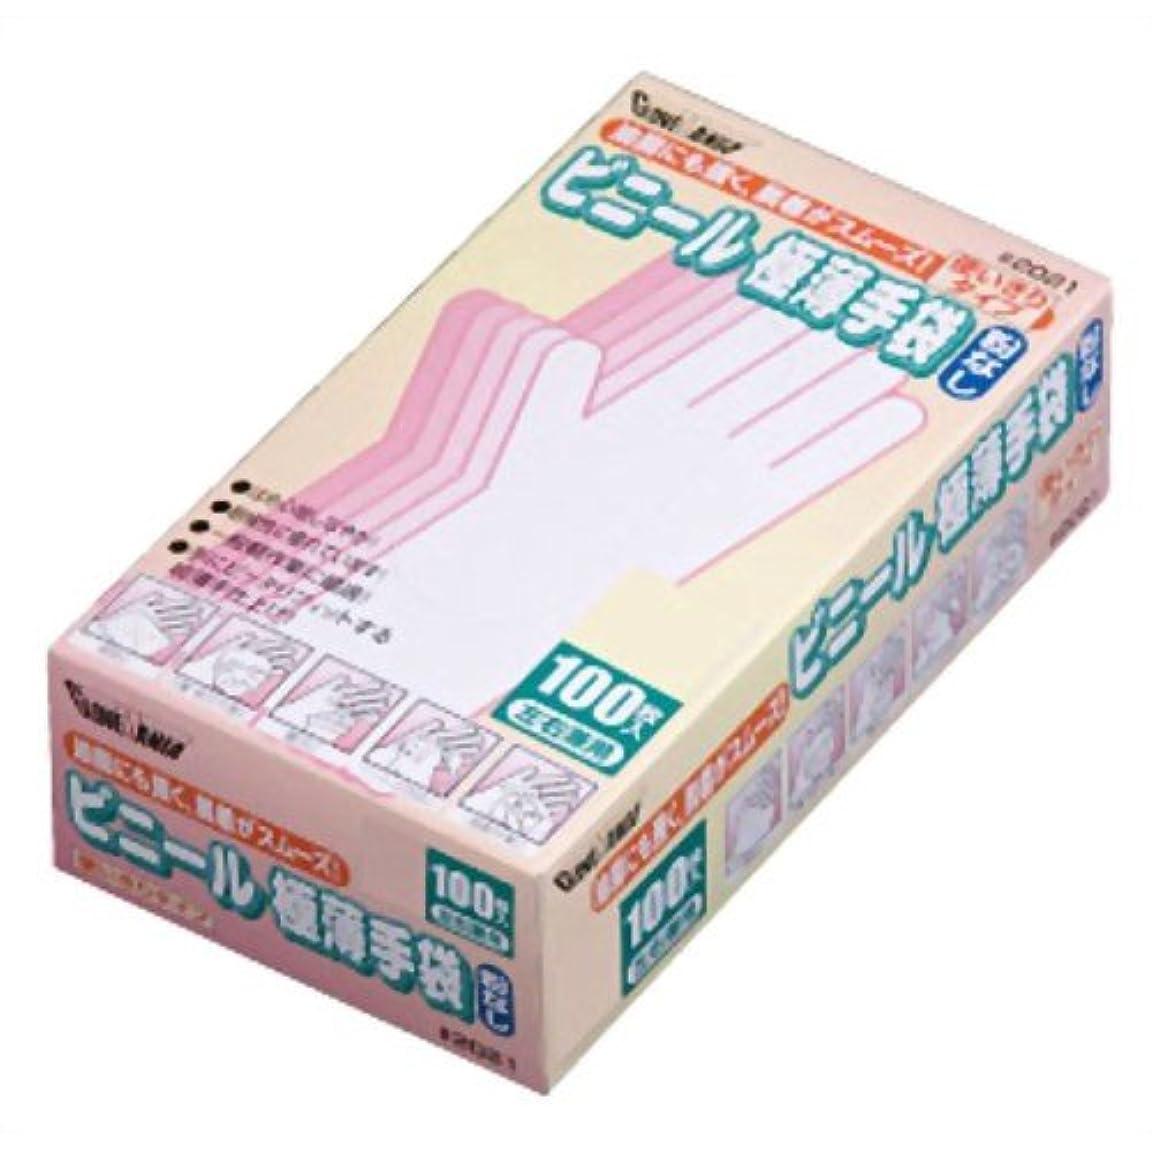 暗い混雑申込み川西工業 ビニール極薄手袋 粉なし 100枚入 #2021 クリア S